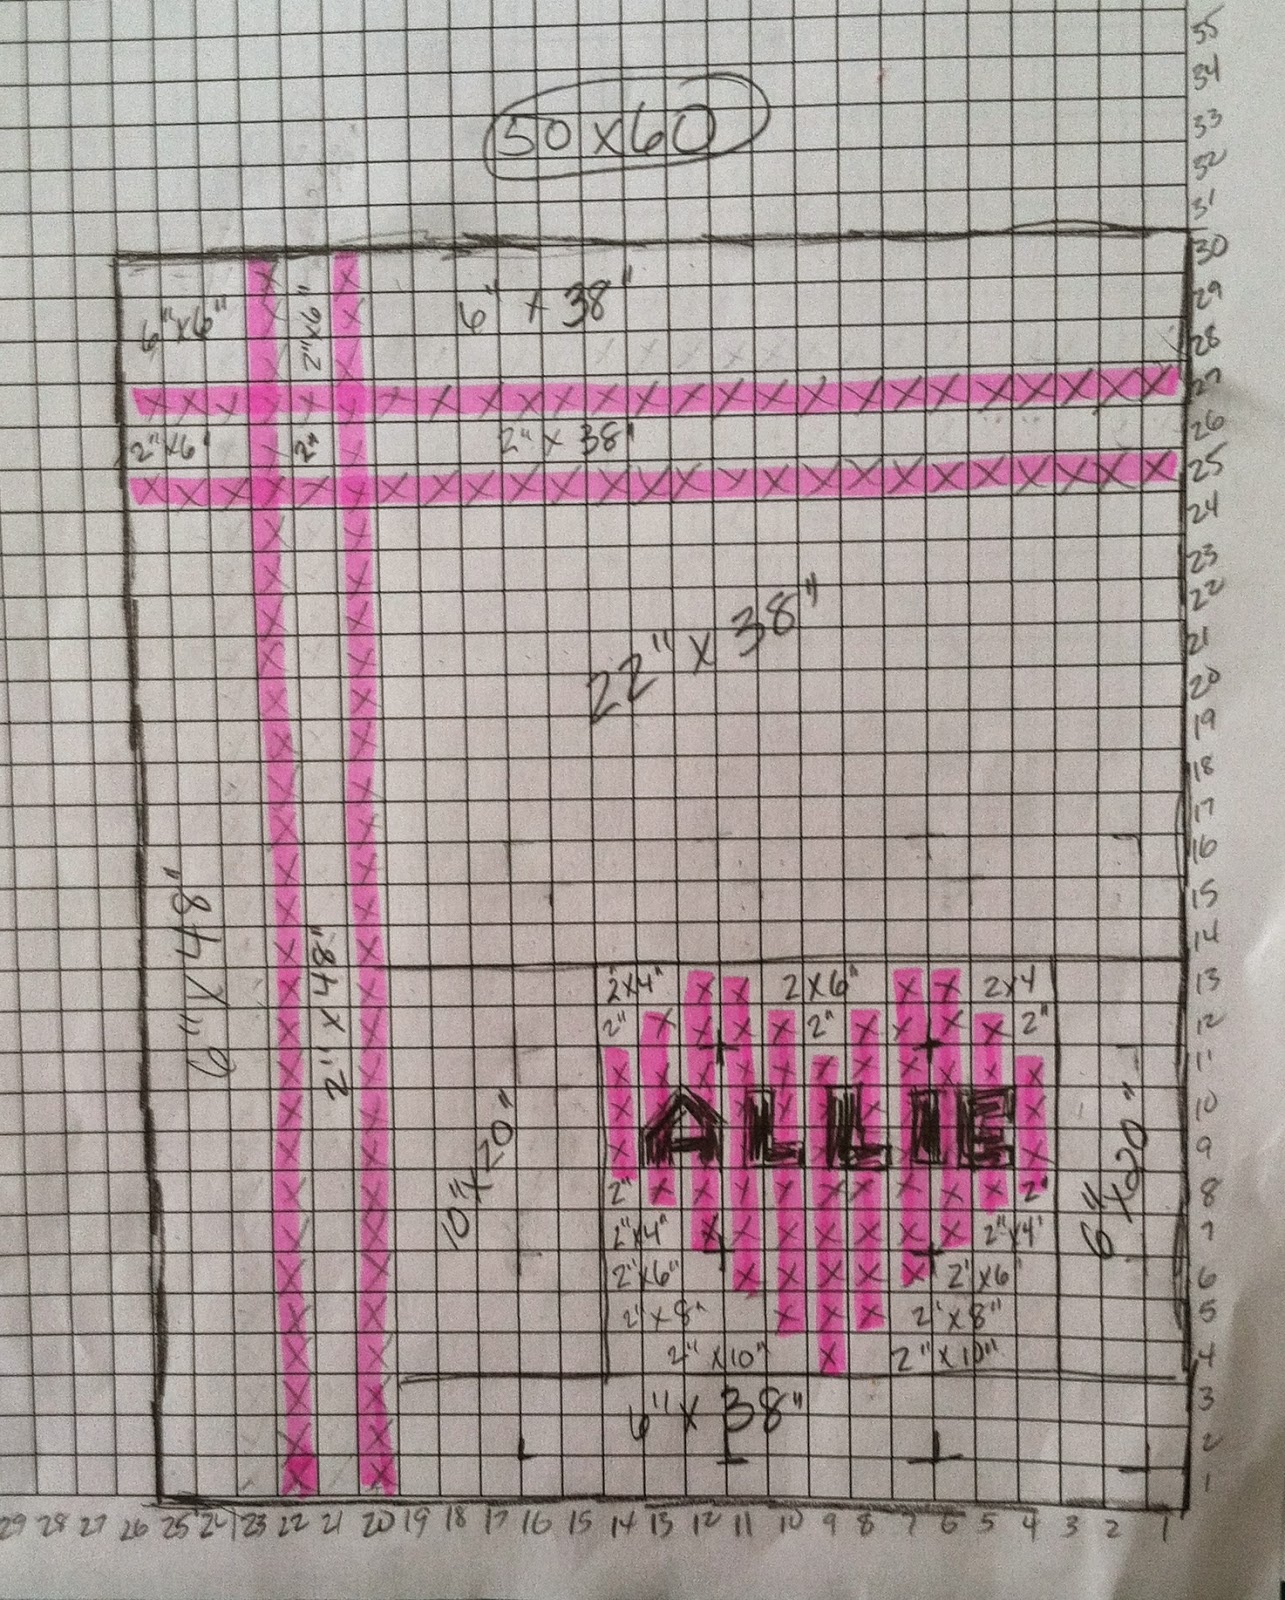 Heart Quilt - 2.5 inch squares - signature quilt